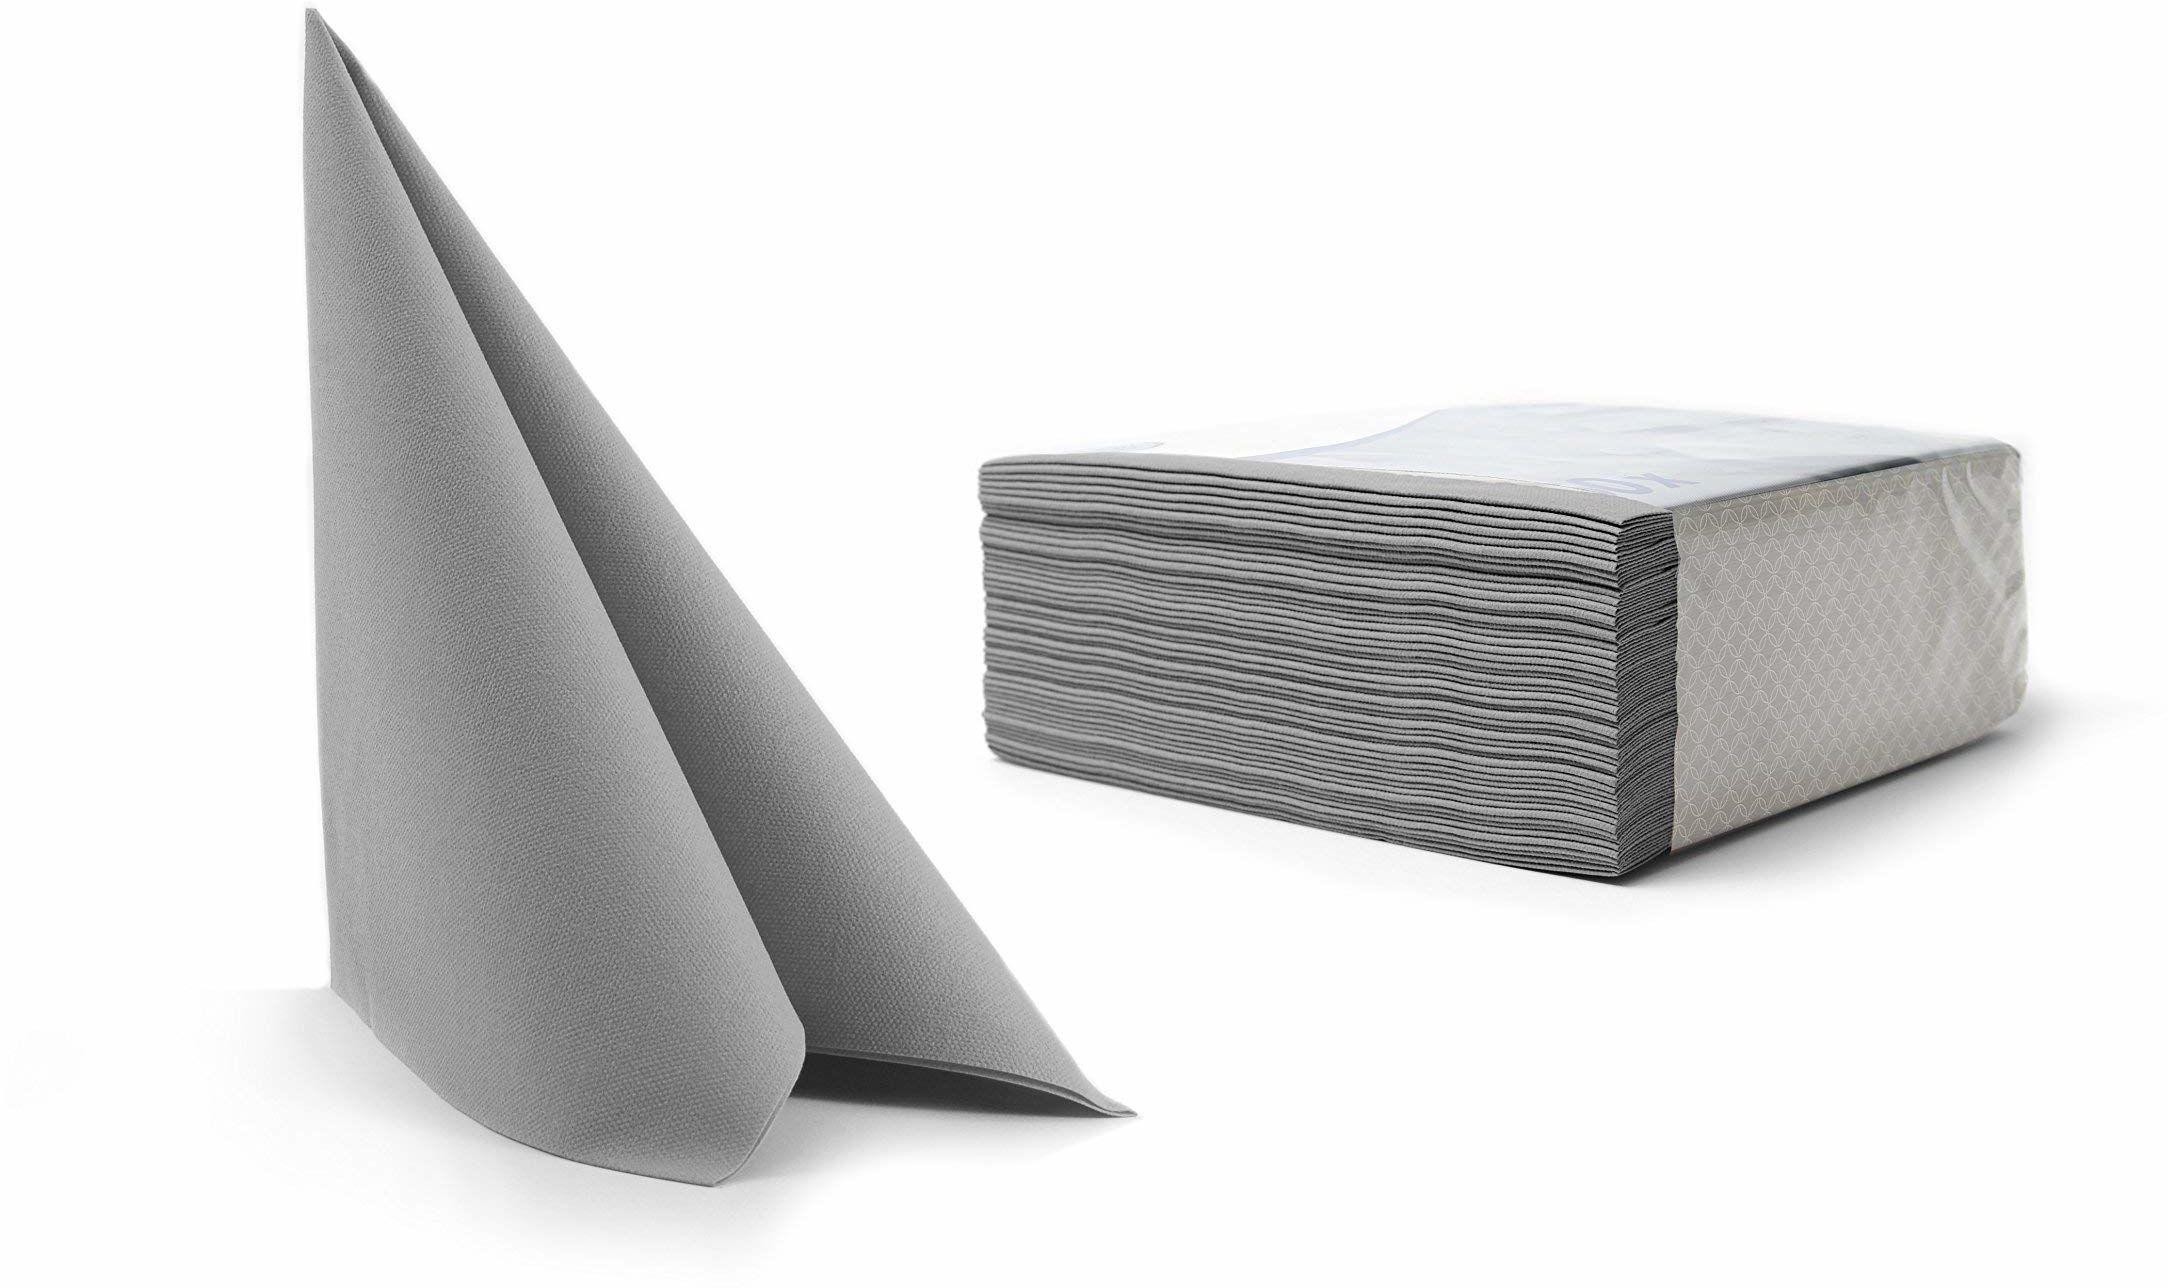 Alvotex CHIC Airlaid 50 serwetki, tkaninopodobne wysokiej jakości, serwetki jednorazowe, szare, 40 x 40 cm